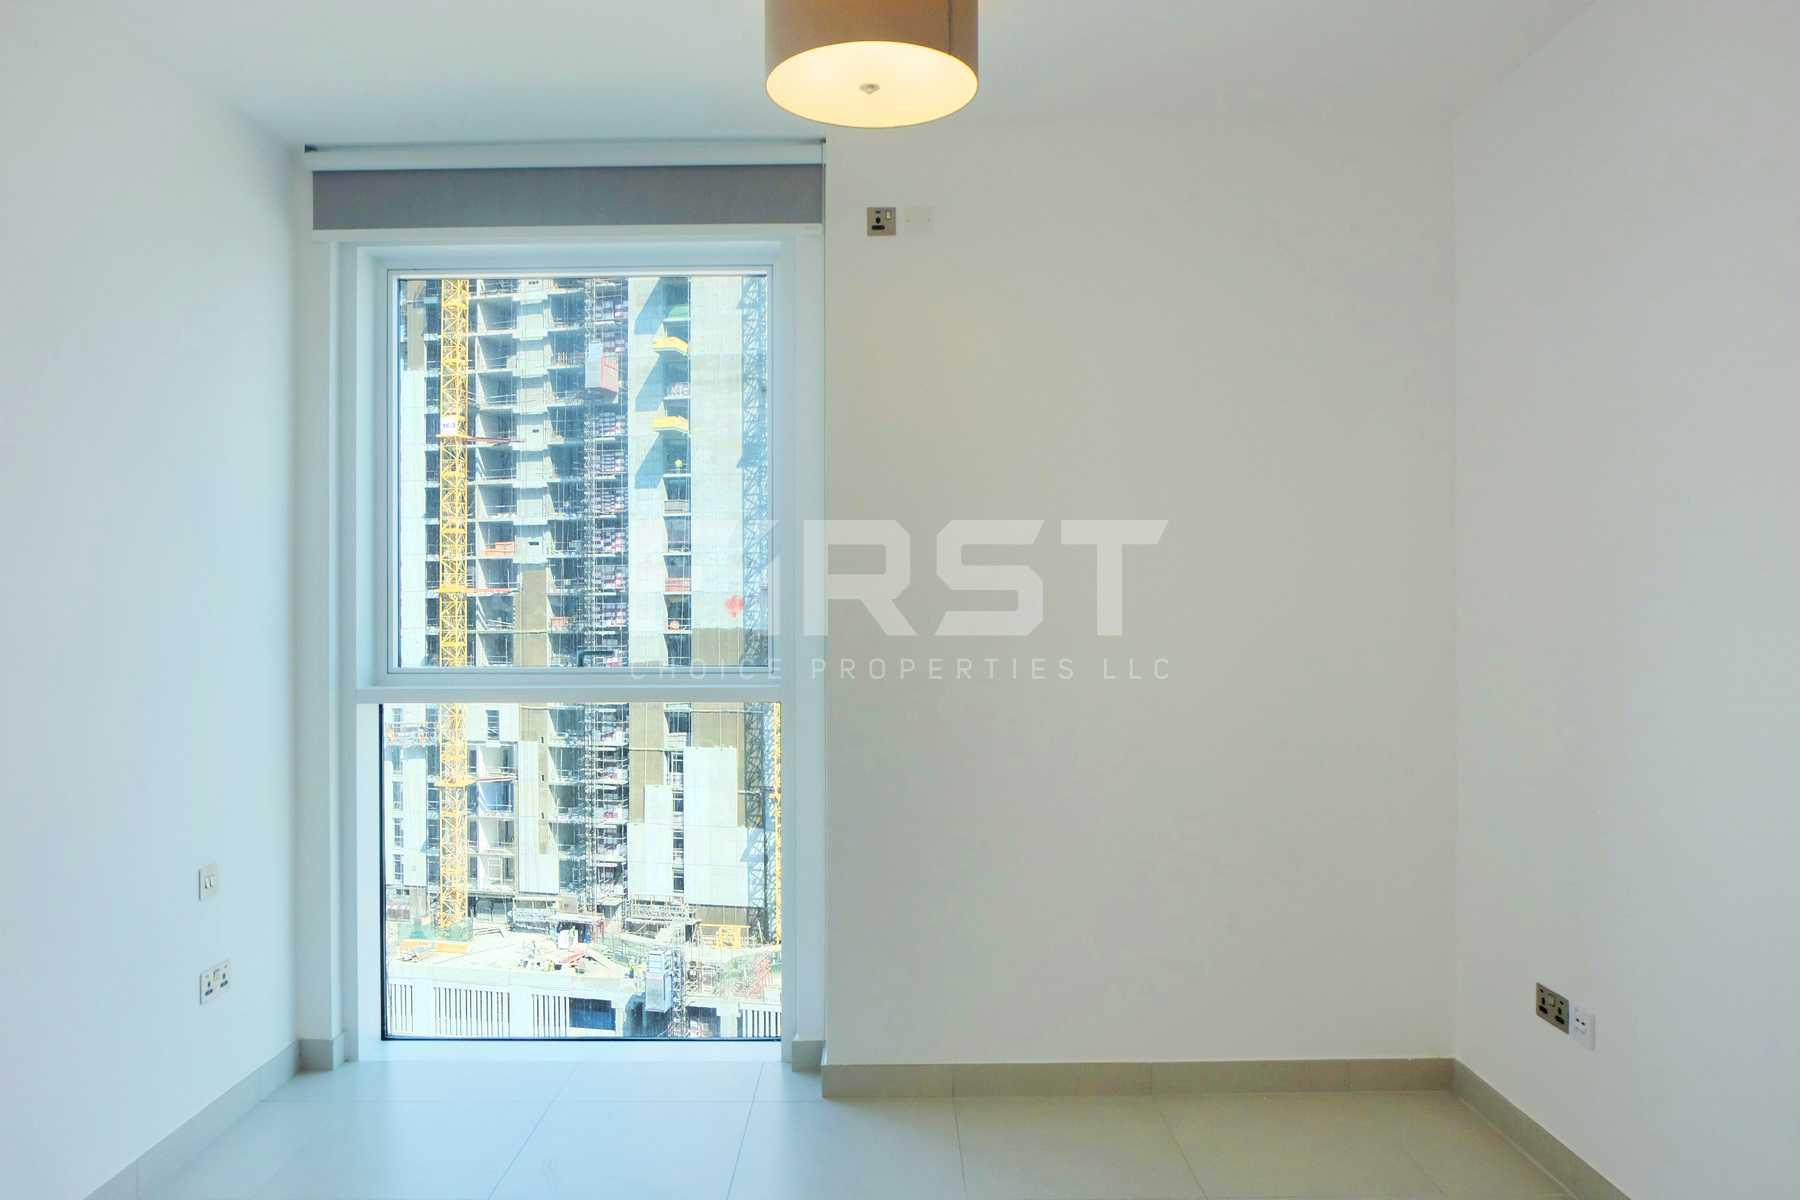 Internal Photo of  2 Bedroom Apartment in Parkside Residence Shams Abu Dhabi UAE (16).jpg